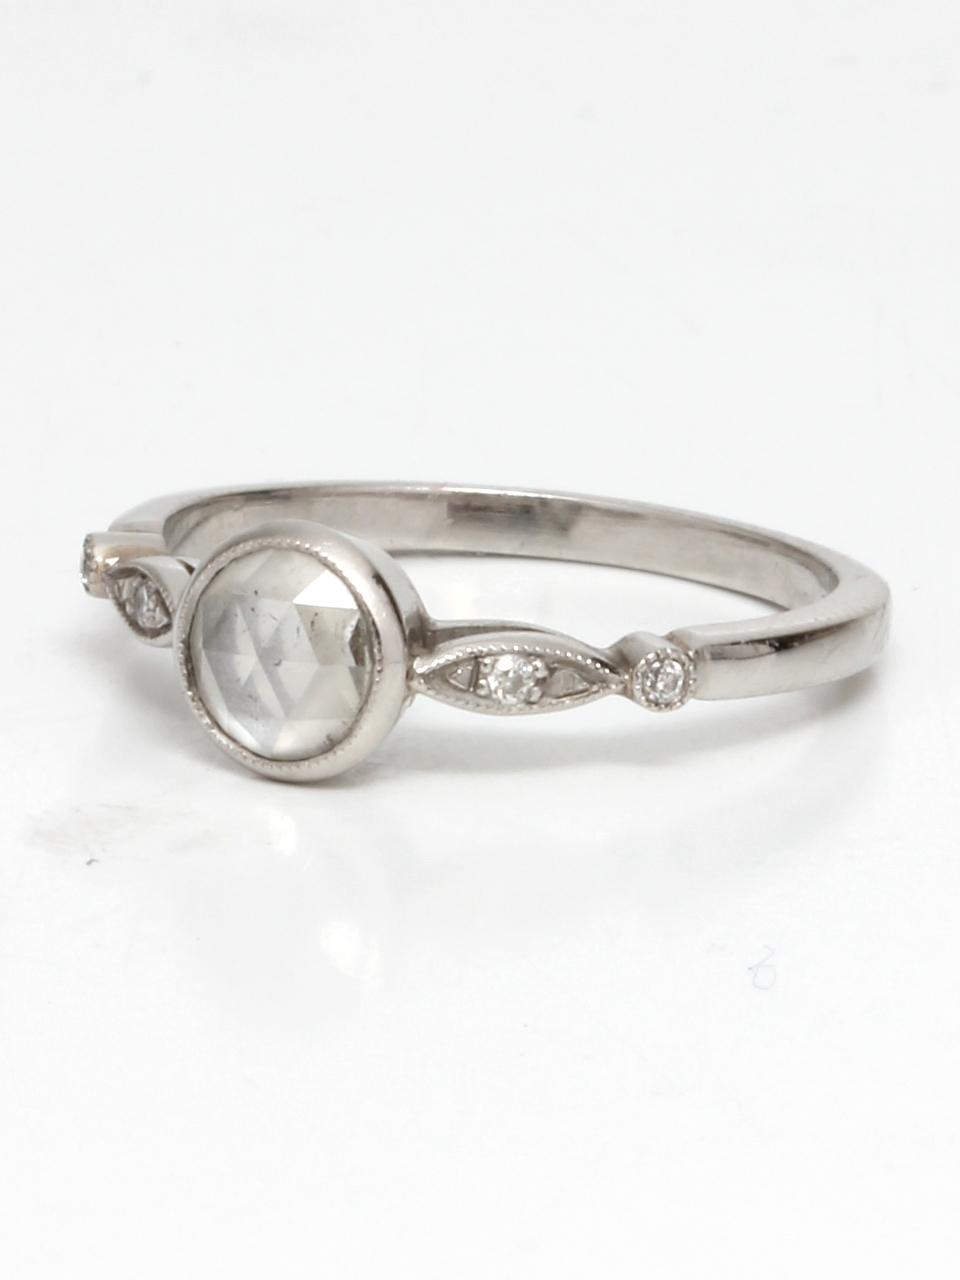 Platinum & Rose Cut Diamond Engagement Ring